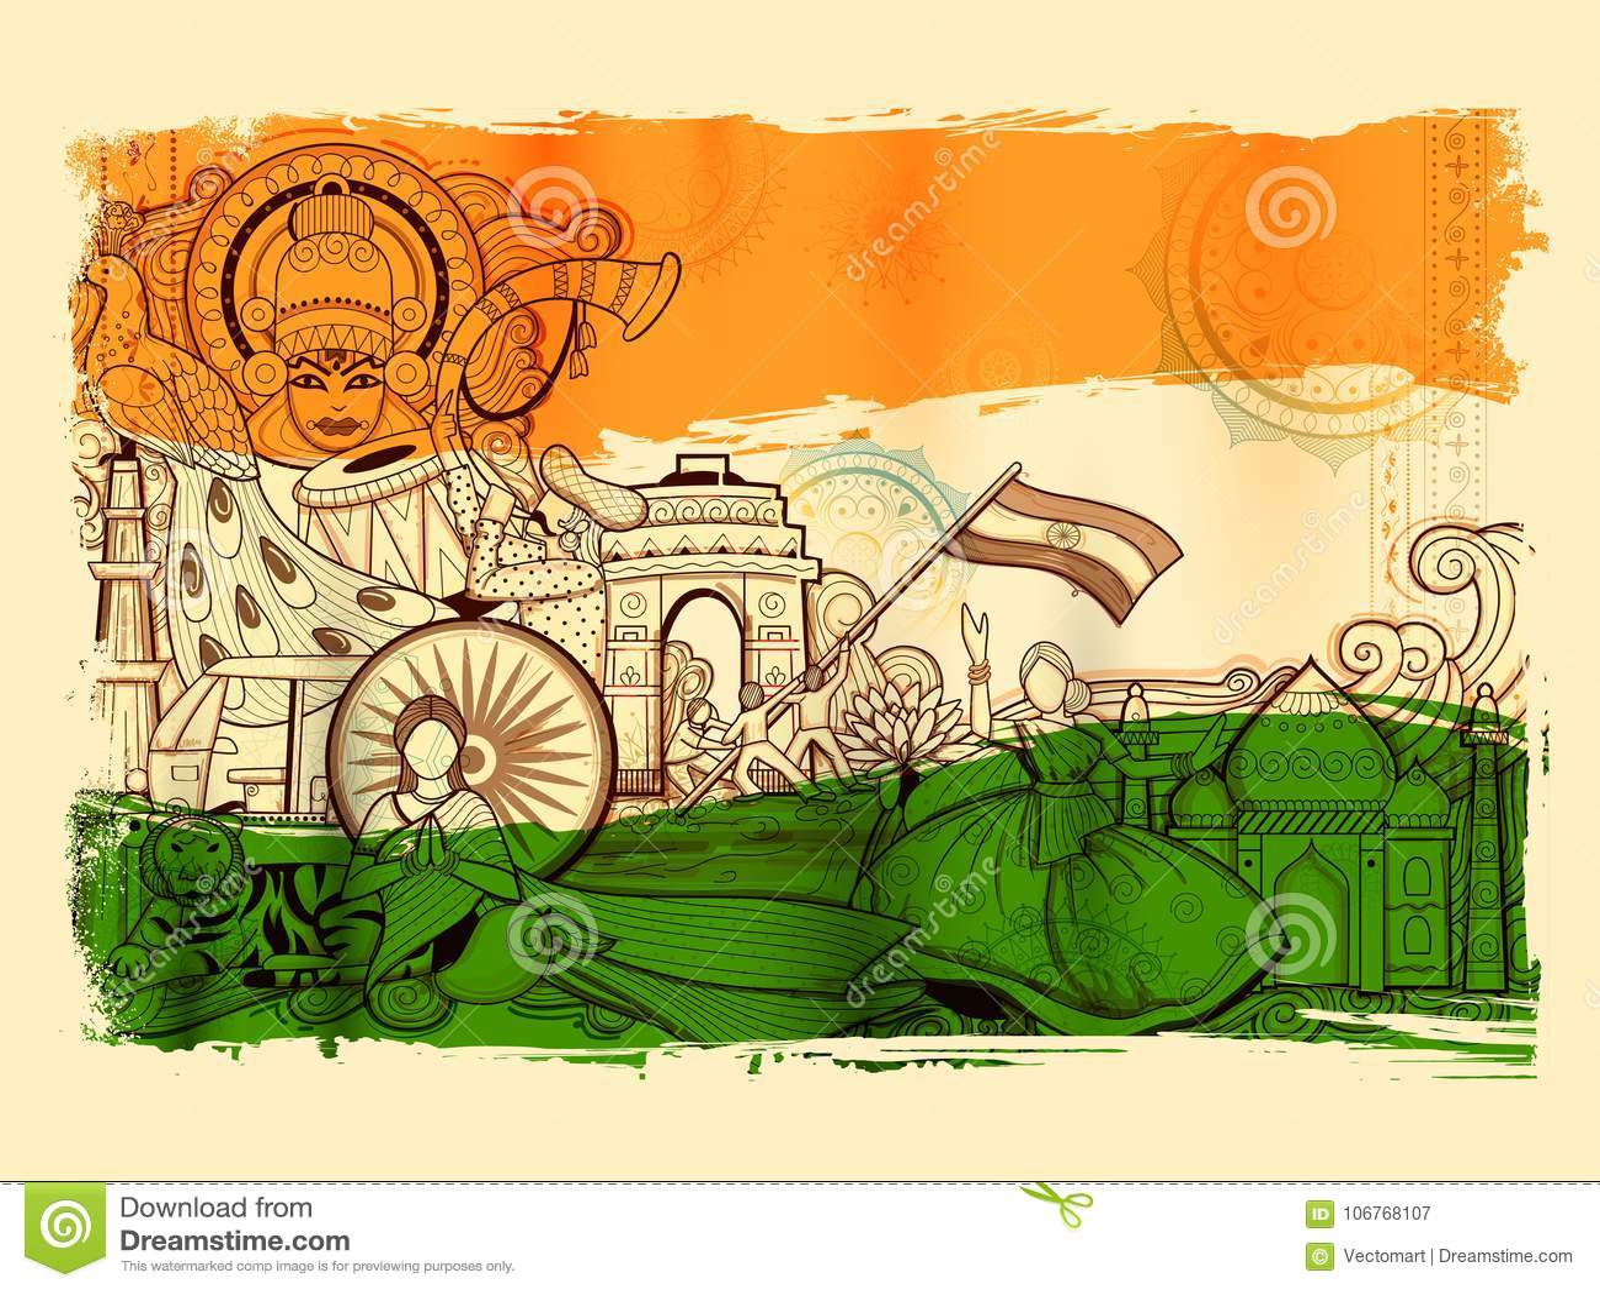 显示它难以置信的文化和变化与纪念碑、舞蹈和节日的印度背景